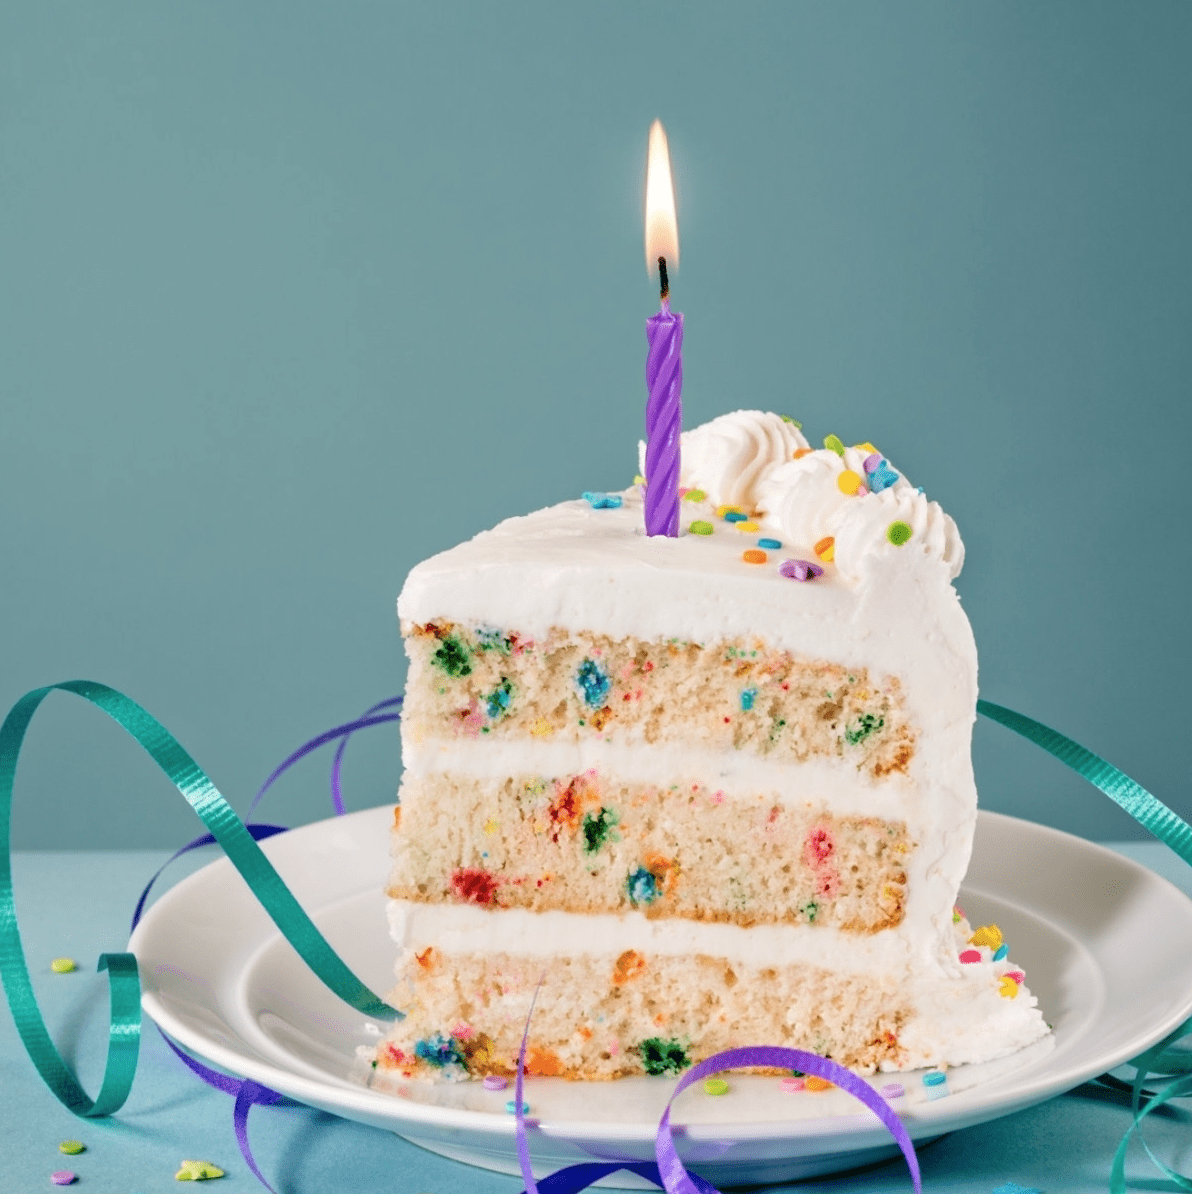 14 Jahre Myprotein So Wirst Du Zum Geburtstag Beschenkt